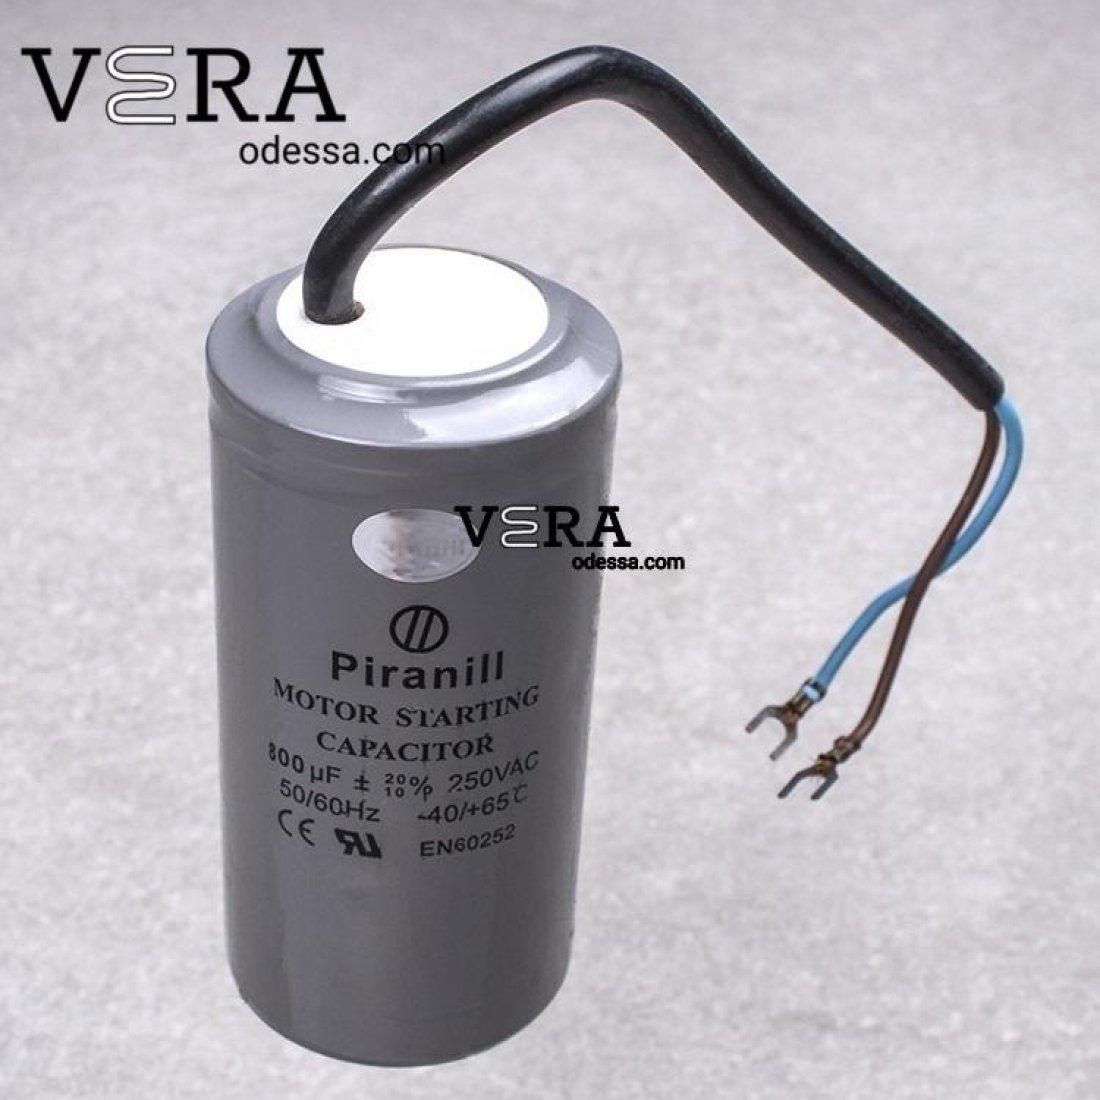 Купити пусковий конденсатор двигуна 800 мкф/250 V оптом, фотографія 1